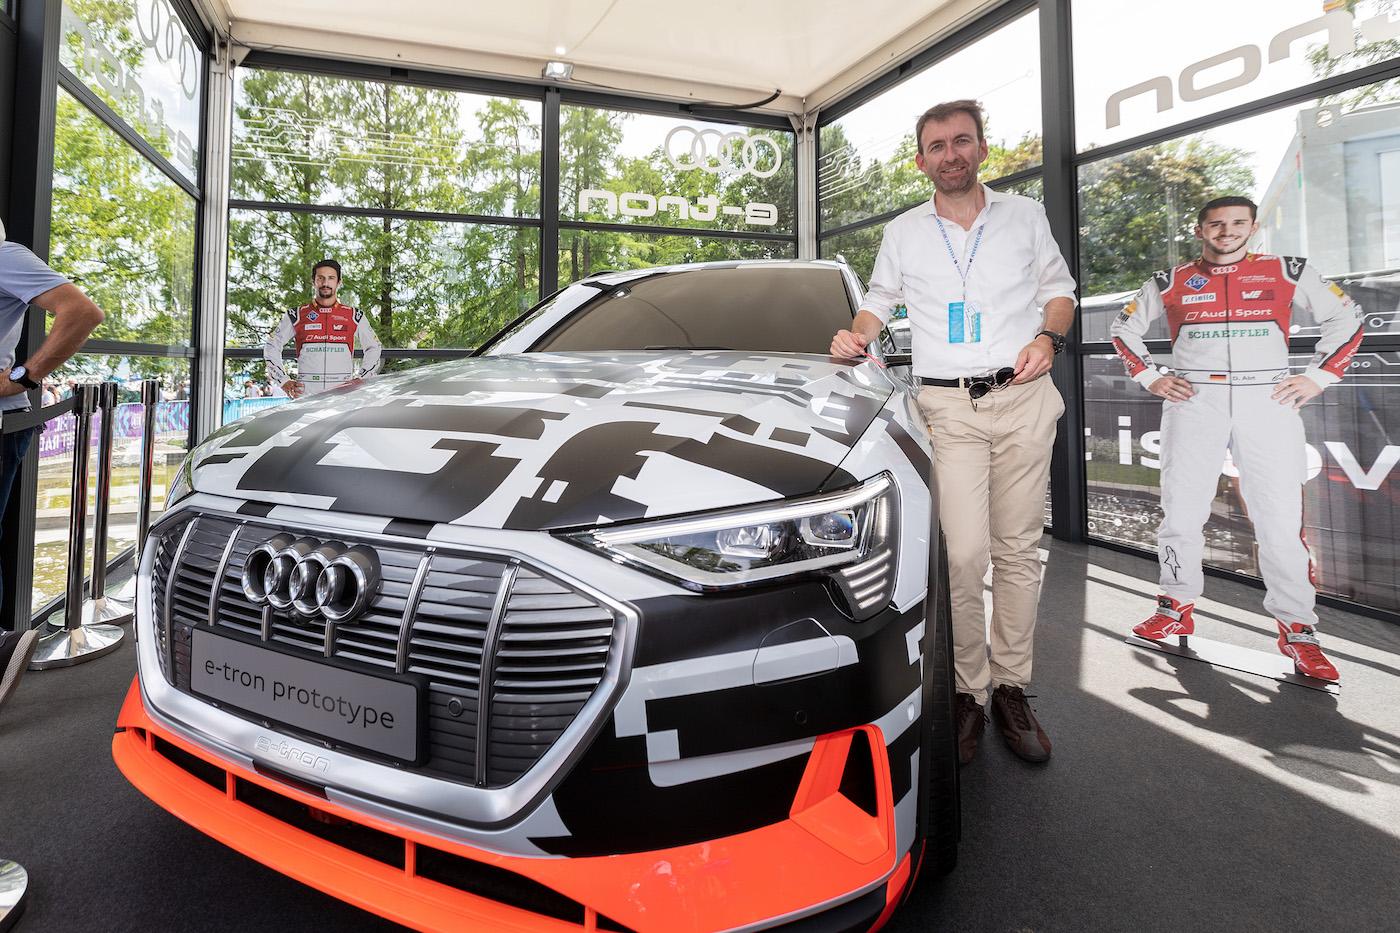 Audi-Markenchef Dieter Jermann mit dem Prototypen des vollelektrischen e-tron. (Sven Thomann)